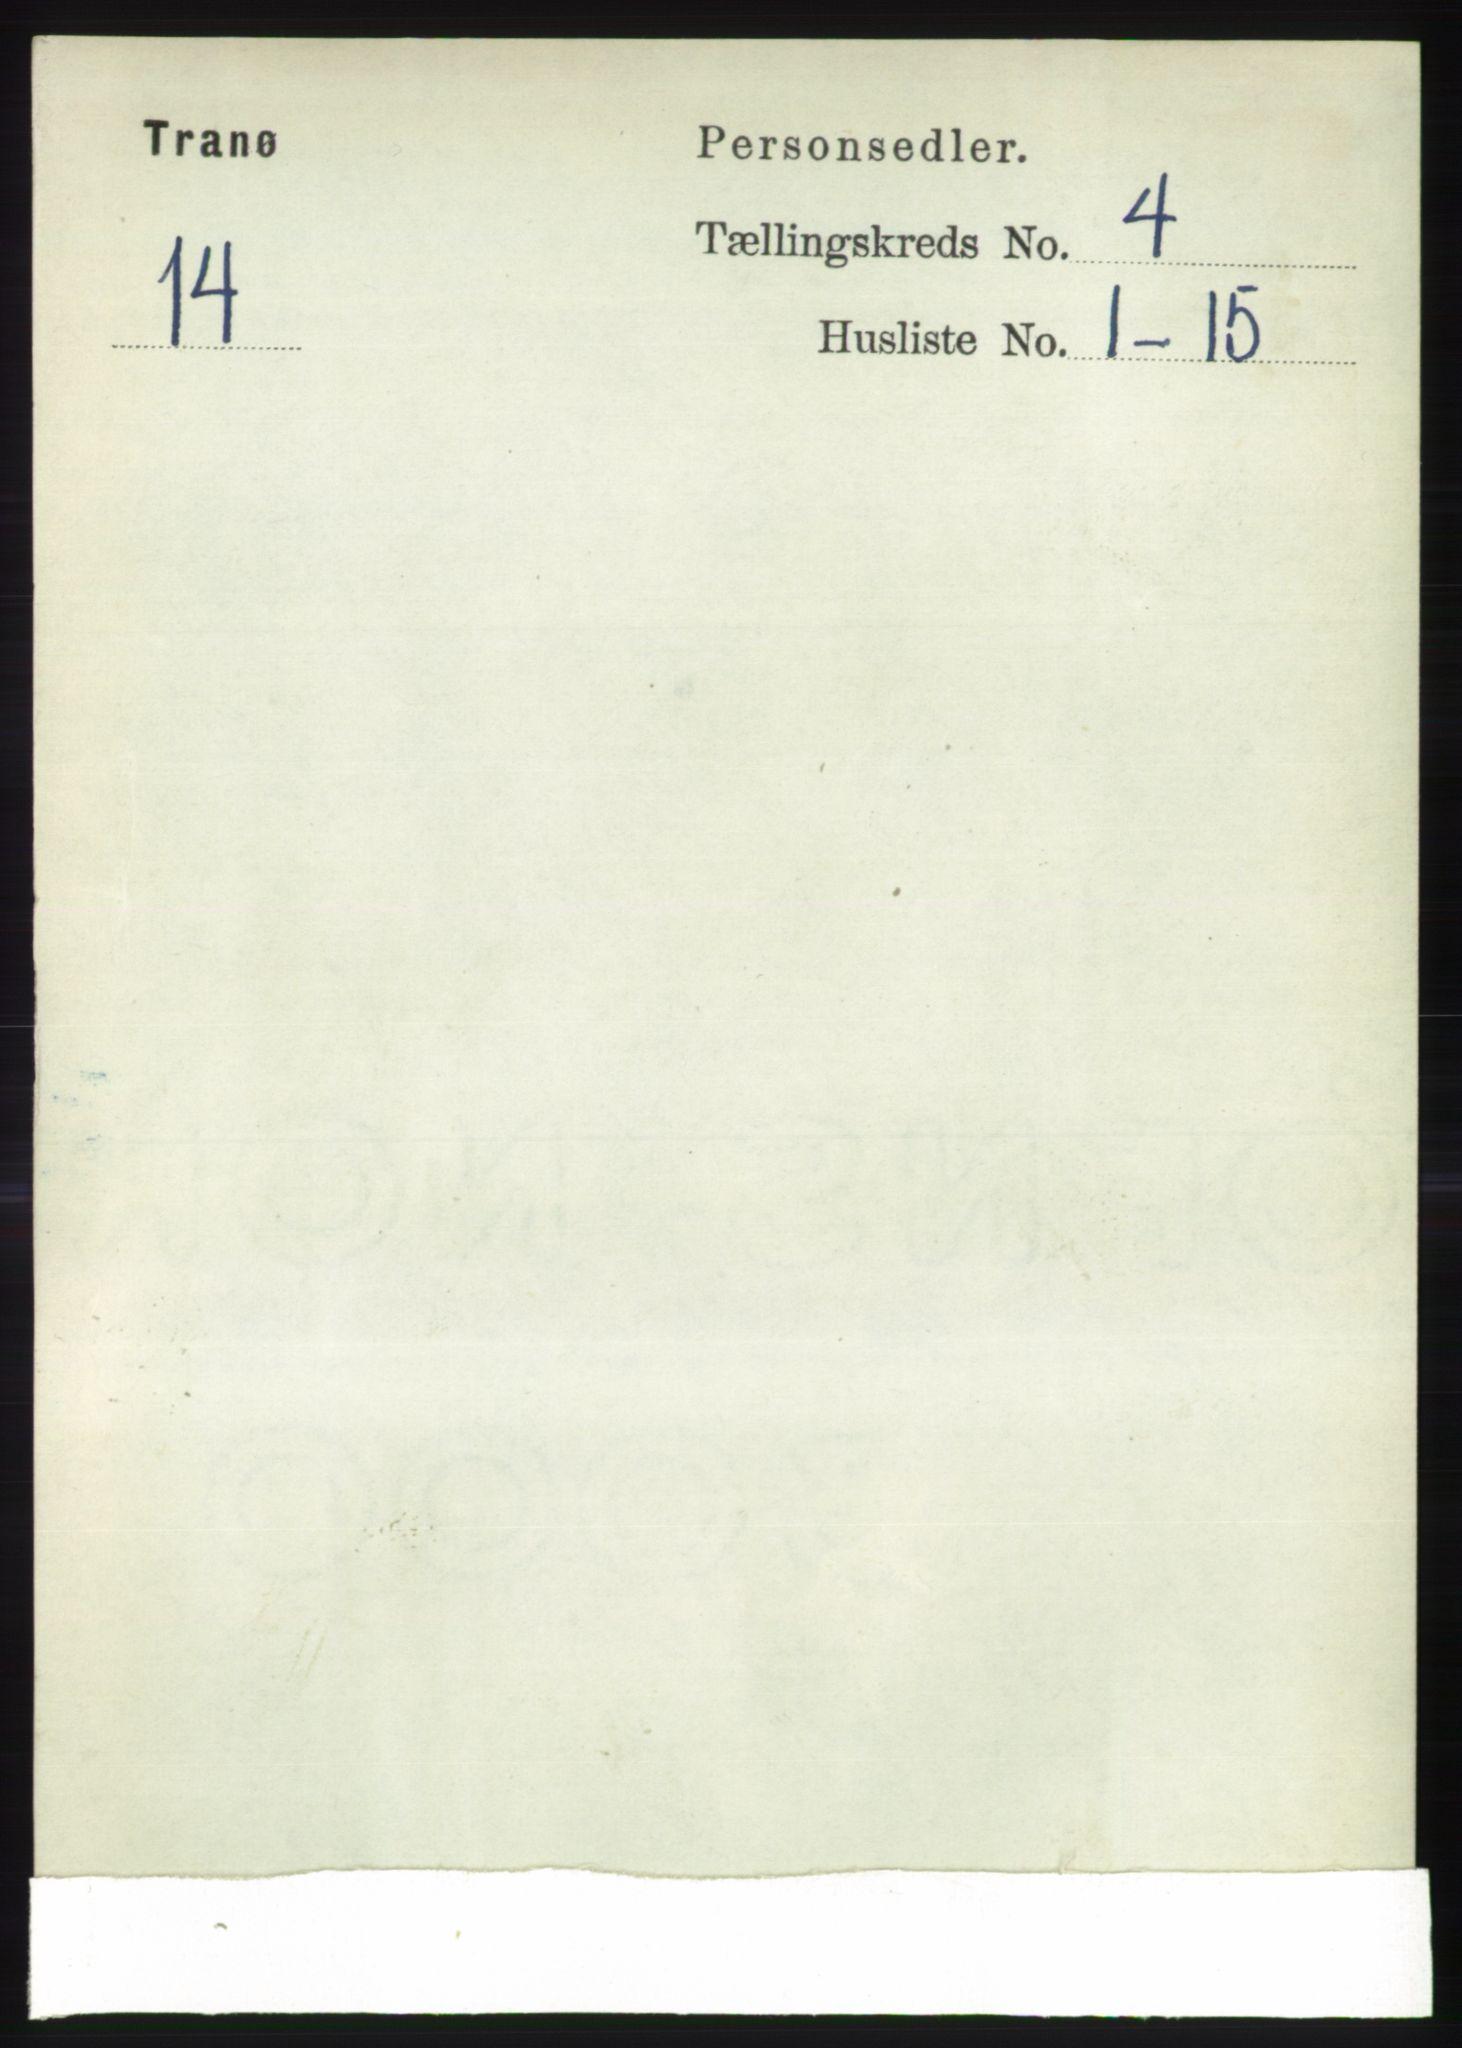 RA, Folketelling 1891 for 1927 Tranøy herred, 1891, s. 1434